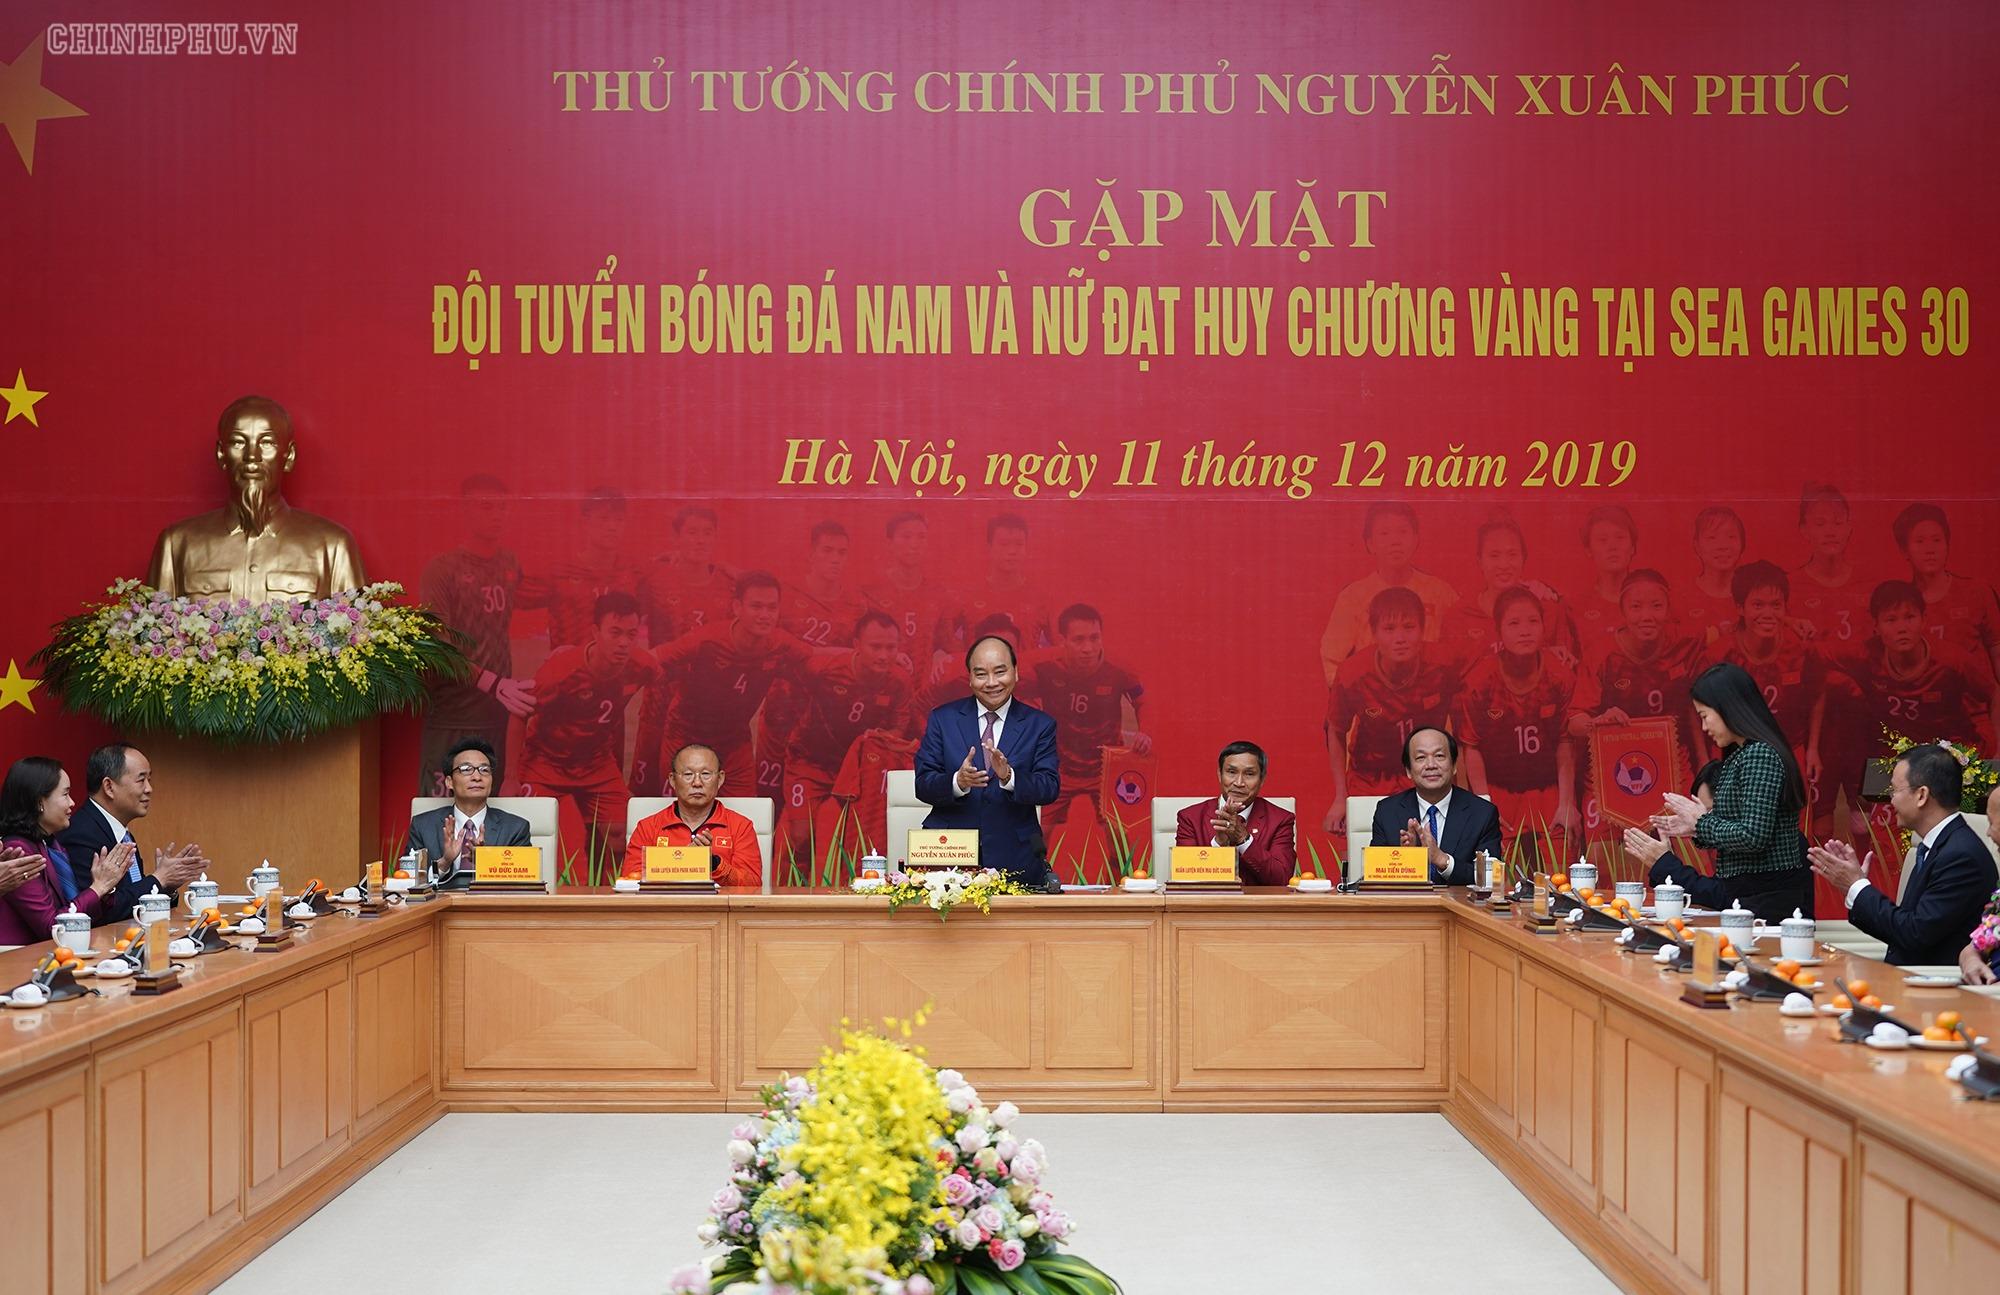 THỜI SỰ 21H30 ĐÊM 11/12/2019: Thủ tướng Nguyễn Xuân Phúc gặp mặt Đội tuyển bóng đá nam và nữ đạt huy chương vàng tại Seagame 30